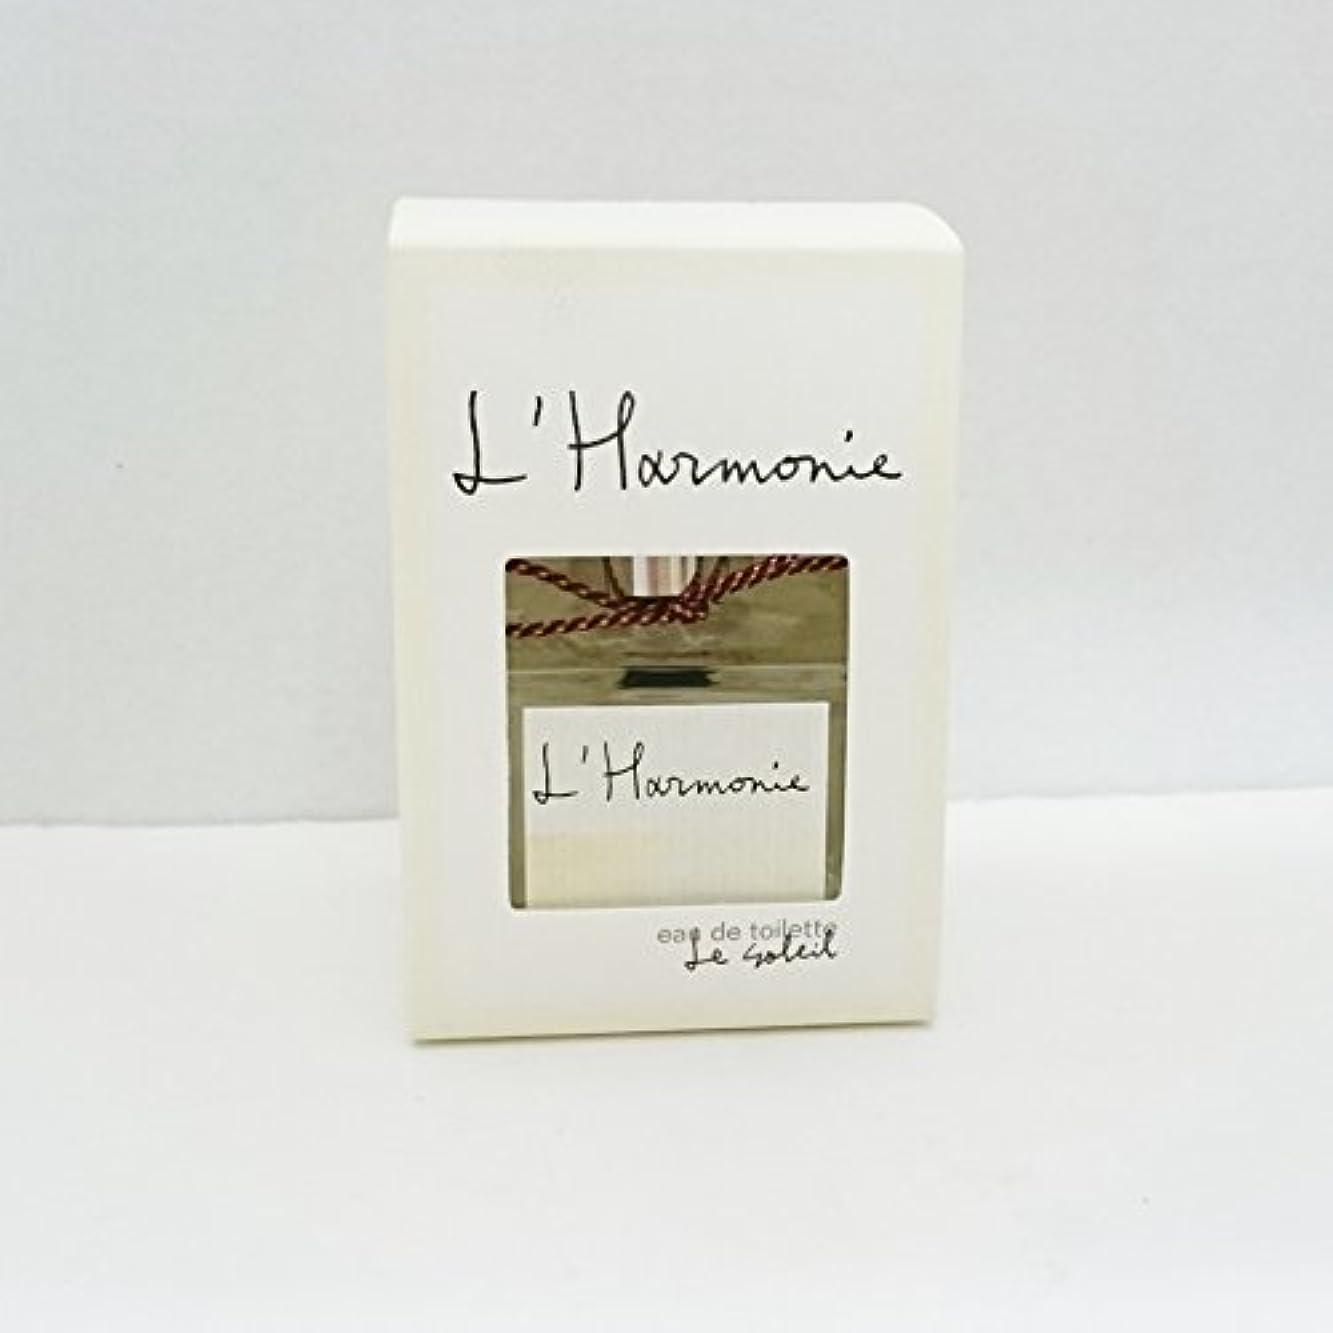 ワット出版差し控えるLothantique(ロタンティック) L' Harmonie(アルモニ) オードトワレ 50ml 「Le soleil(ソレイユ)」 4994228024572